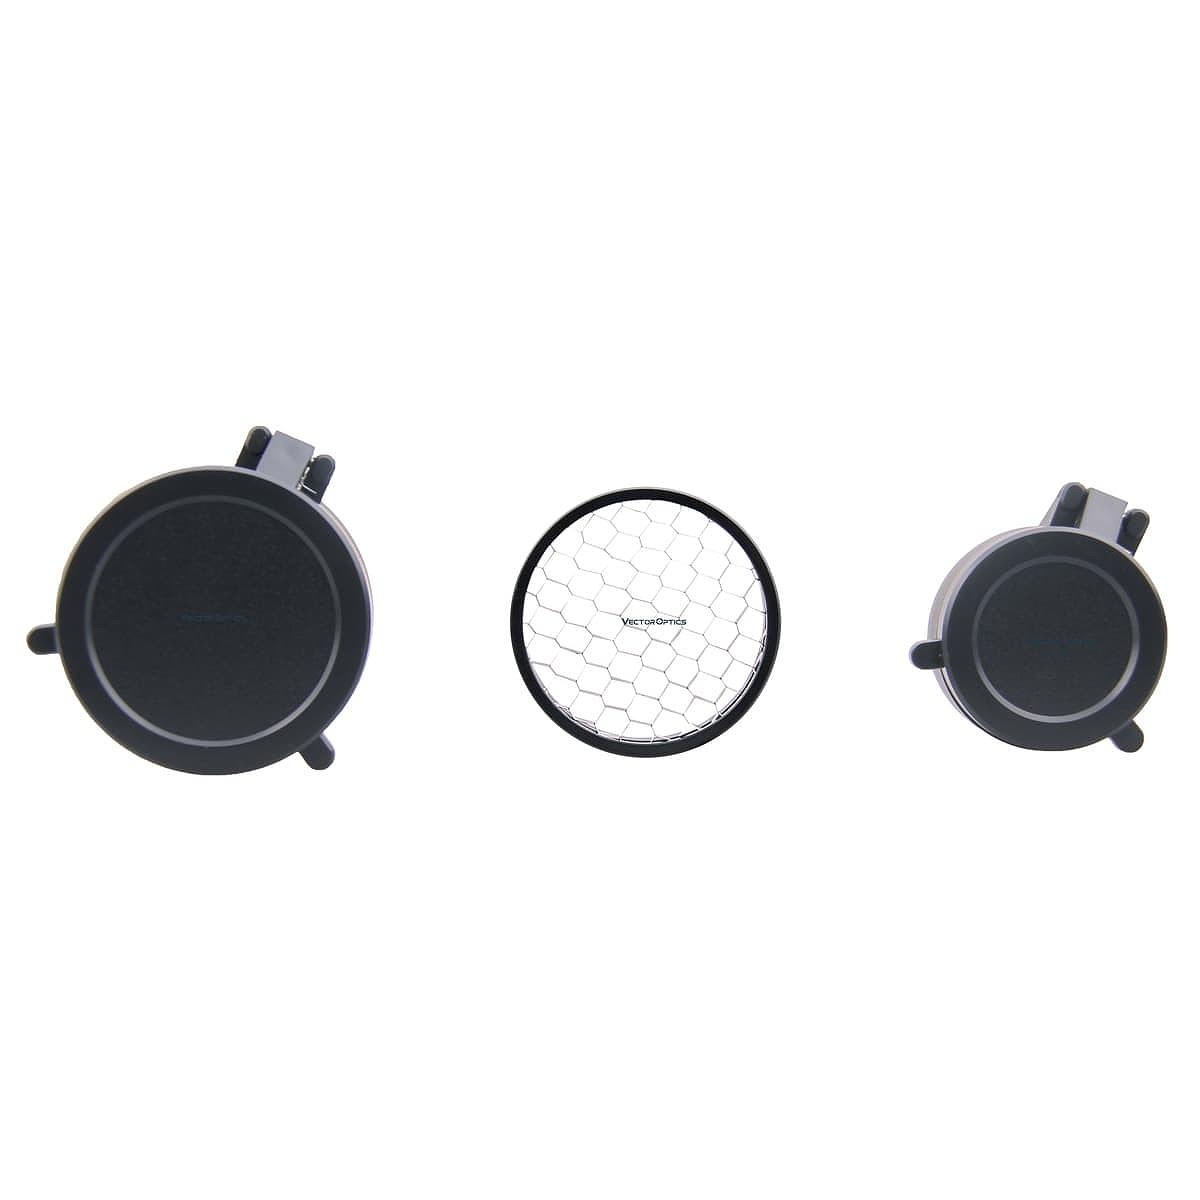 【お届け予定日: 2月28日】ベクターオプティクス ライフルスコープ Veyron 4-16x44FFP  Vector Optics SCFF-22